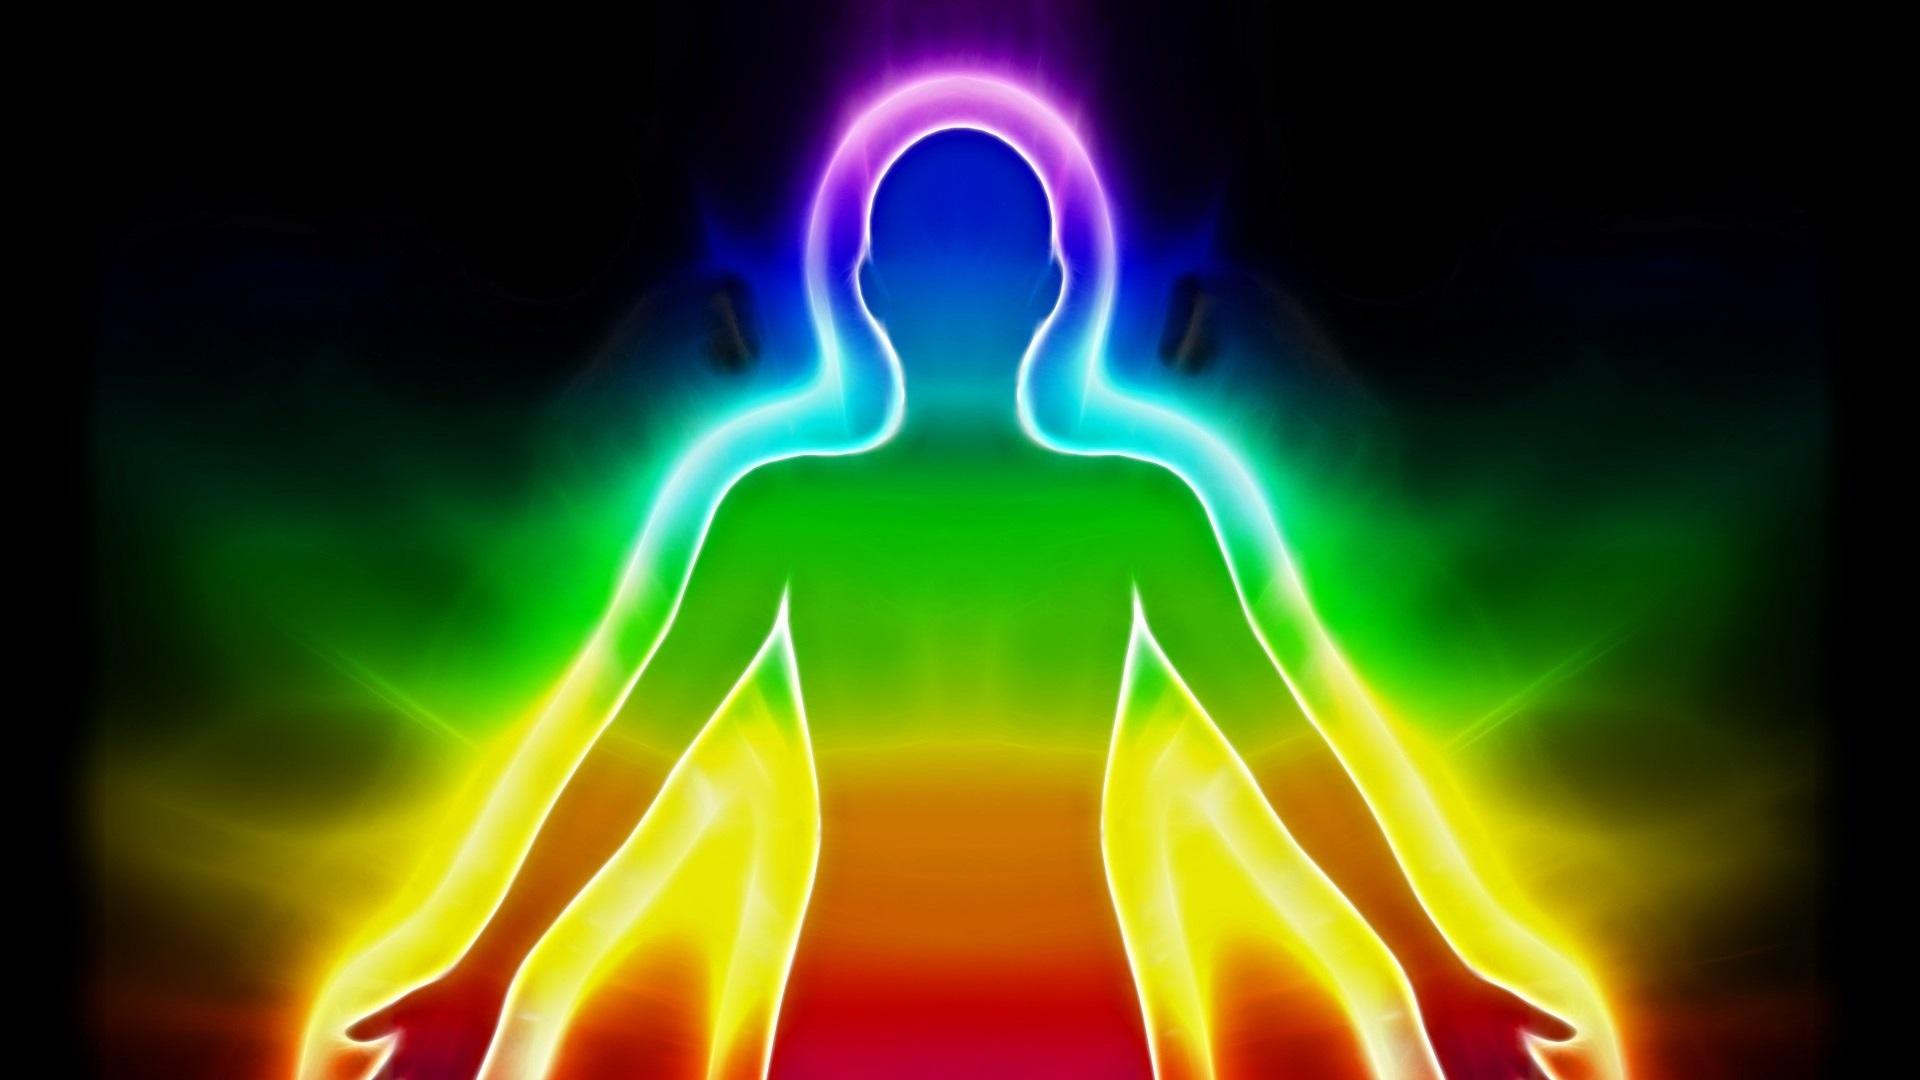 Luôn luôn có một trường vật chất lượng tử bao quanh cơ thể con người. (Ảnh minh họa)